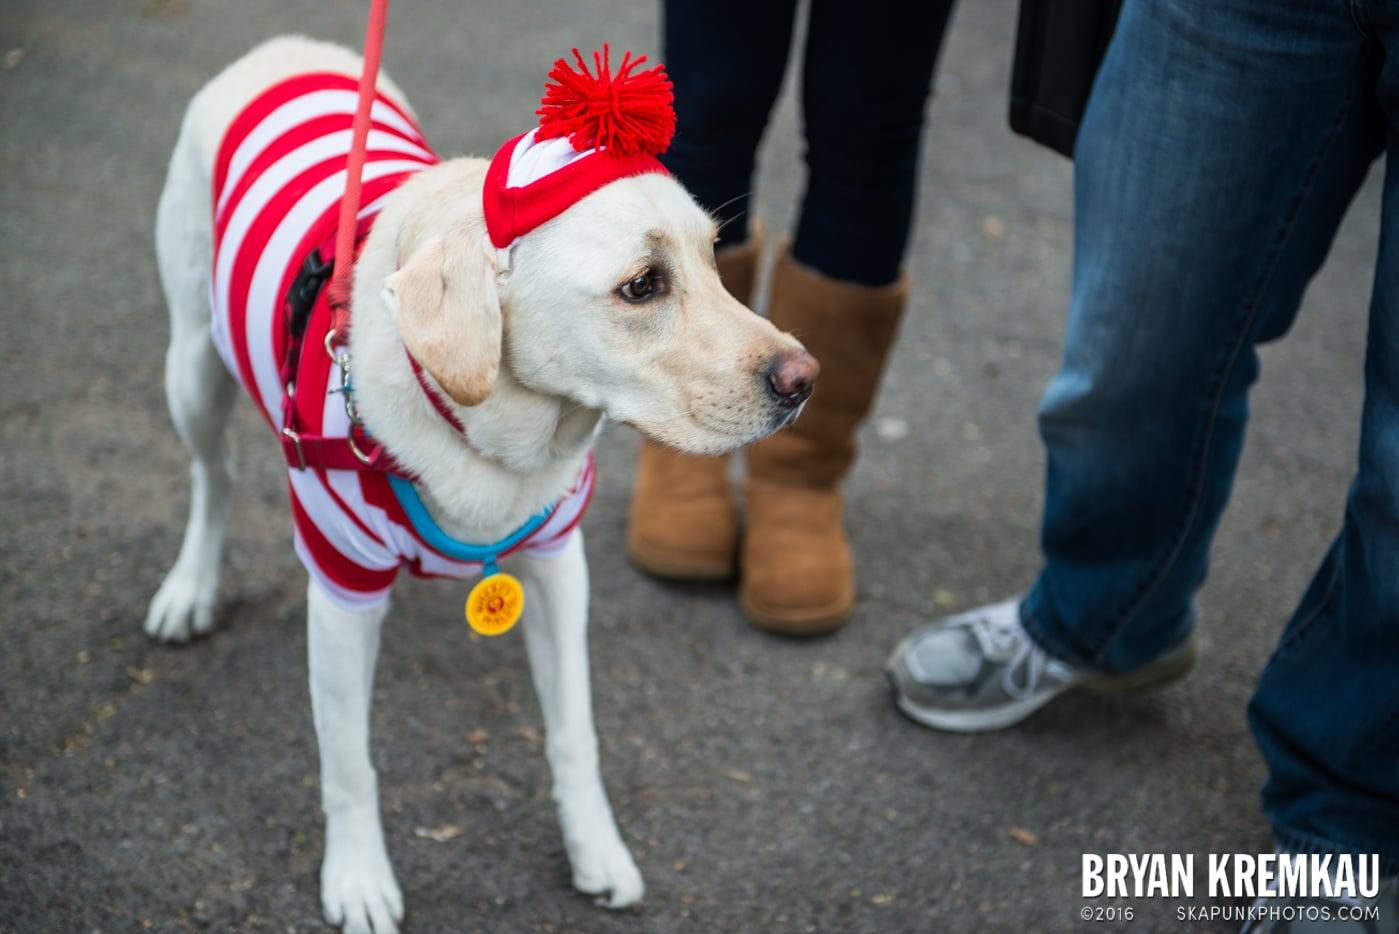 Tompkins Square Halloween Dog Parade 2015 @ Tompkins Square Park, NYC – 10.24.15 (66)